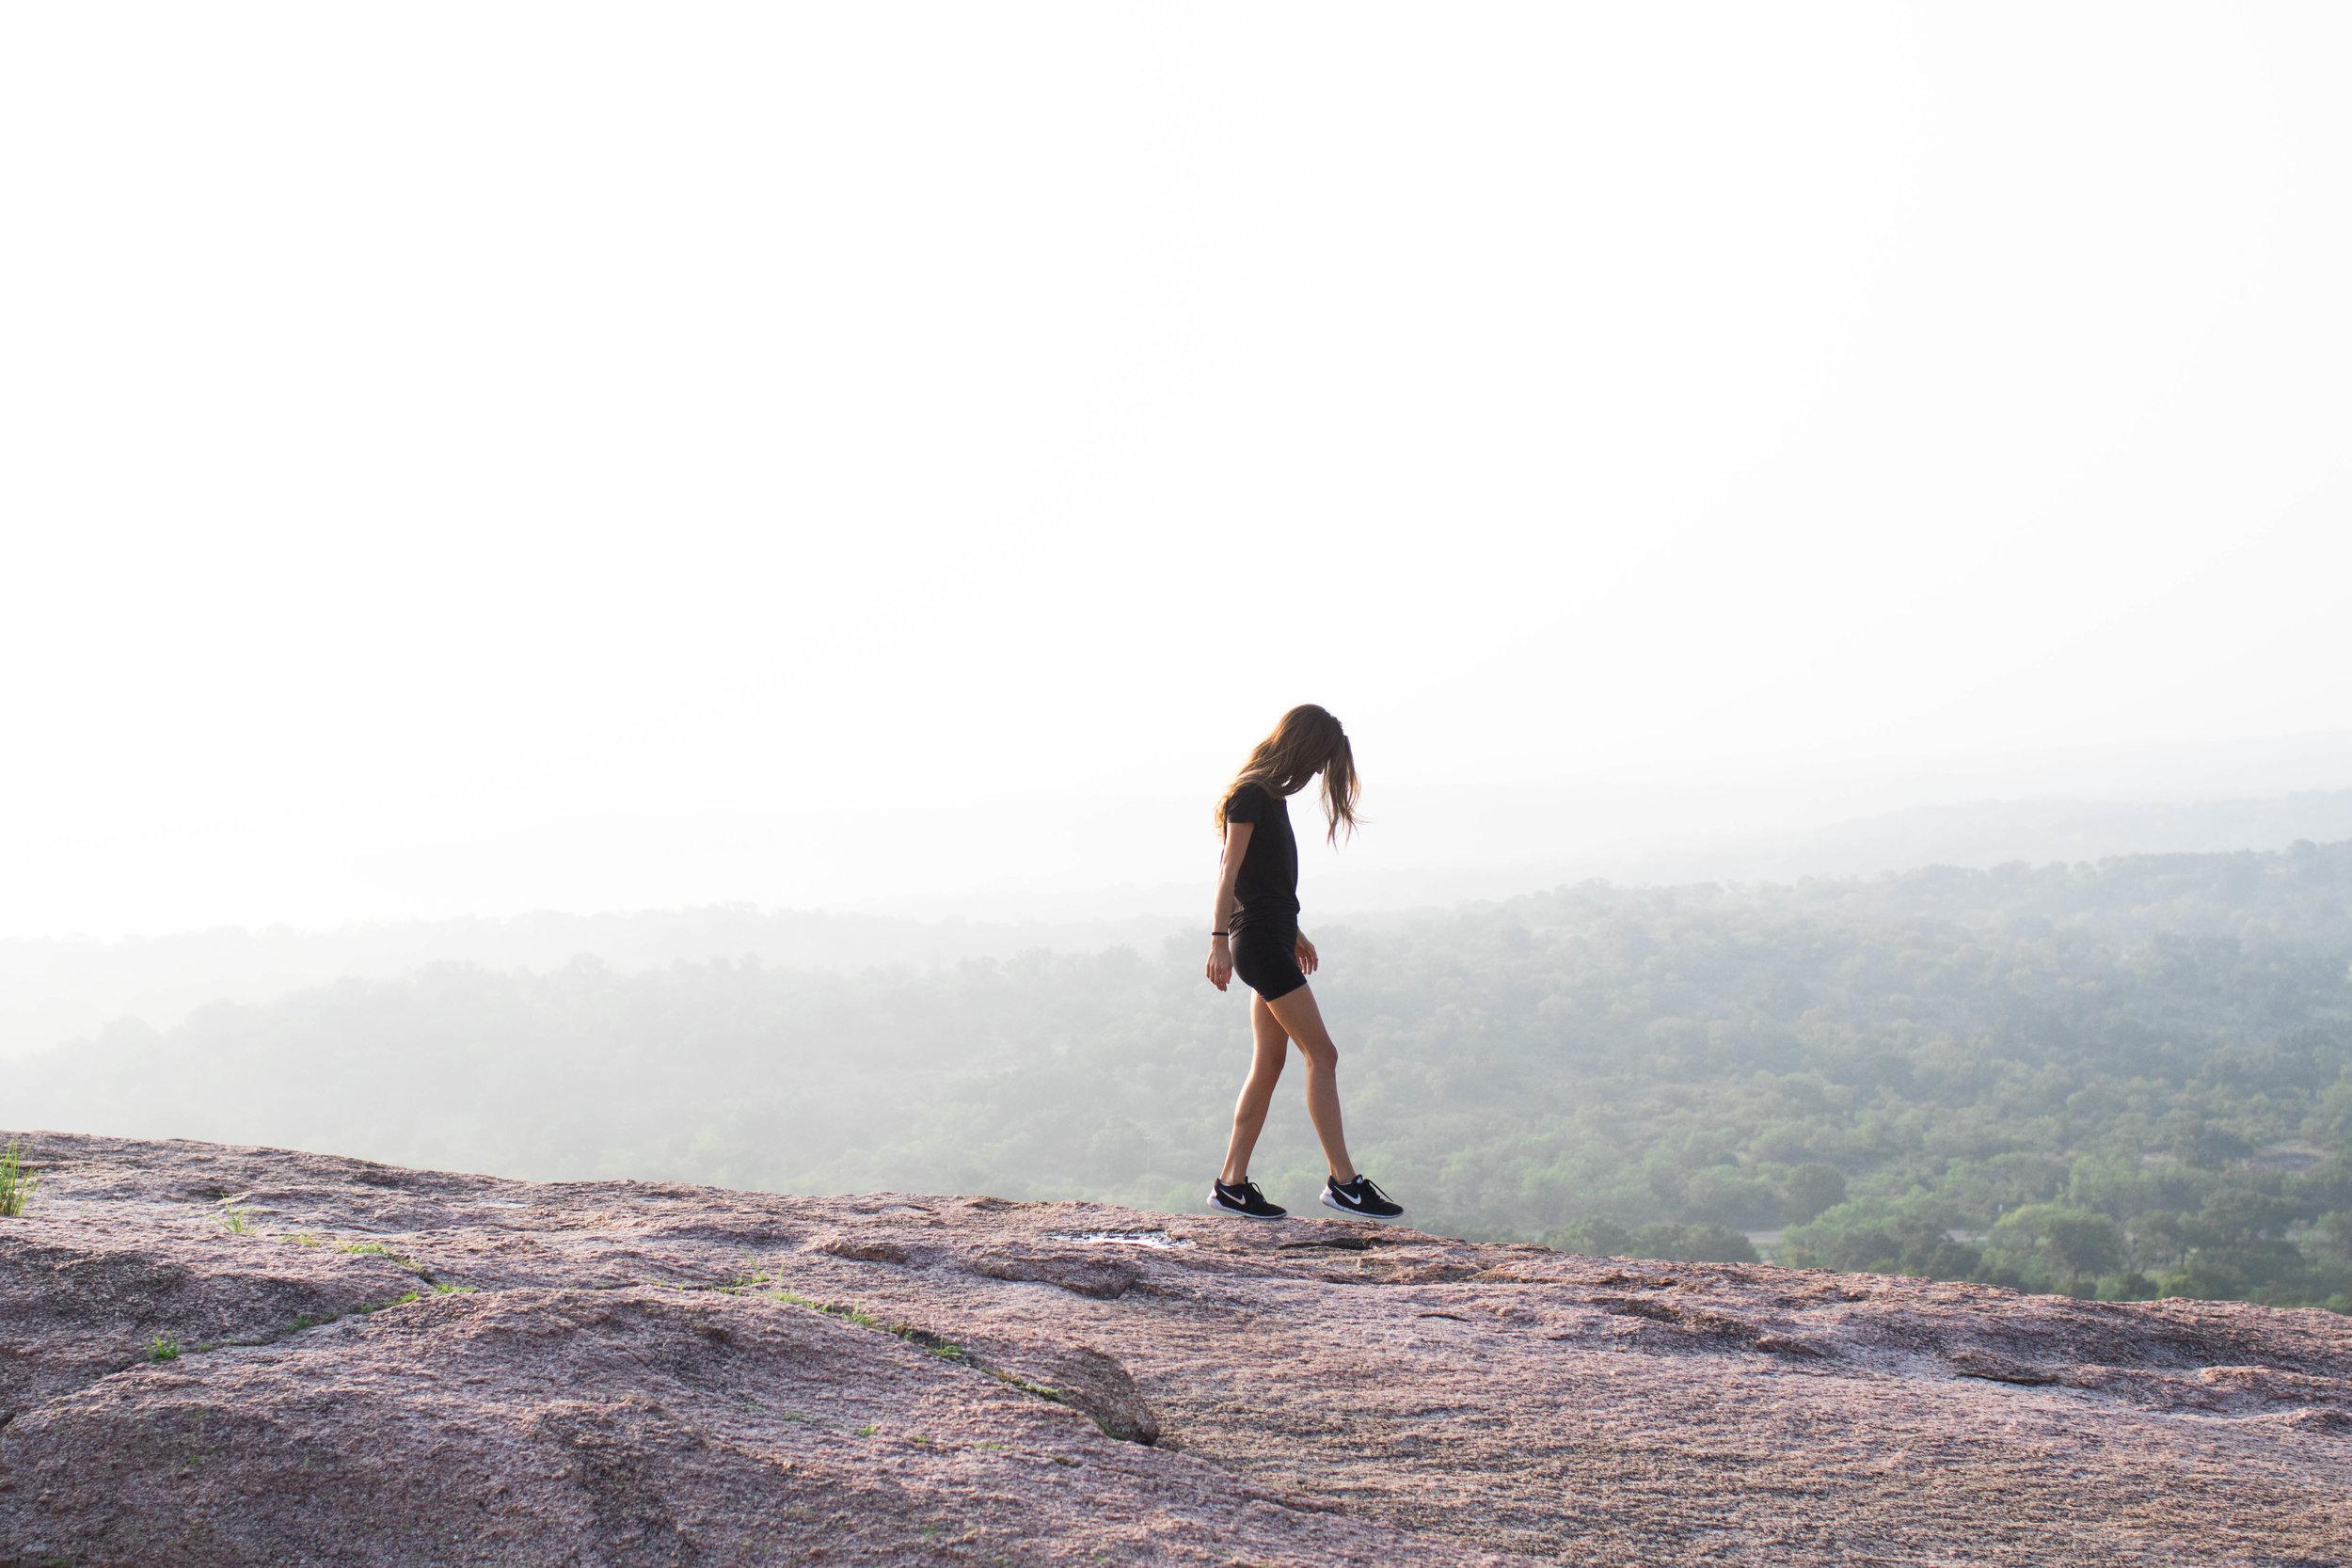 enchanted-rock-texas-photo-by-samantha-look.jpeg